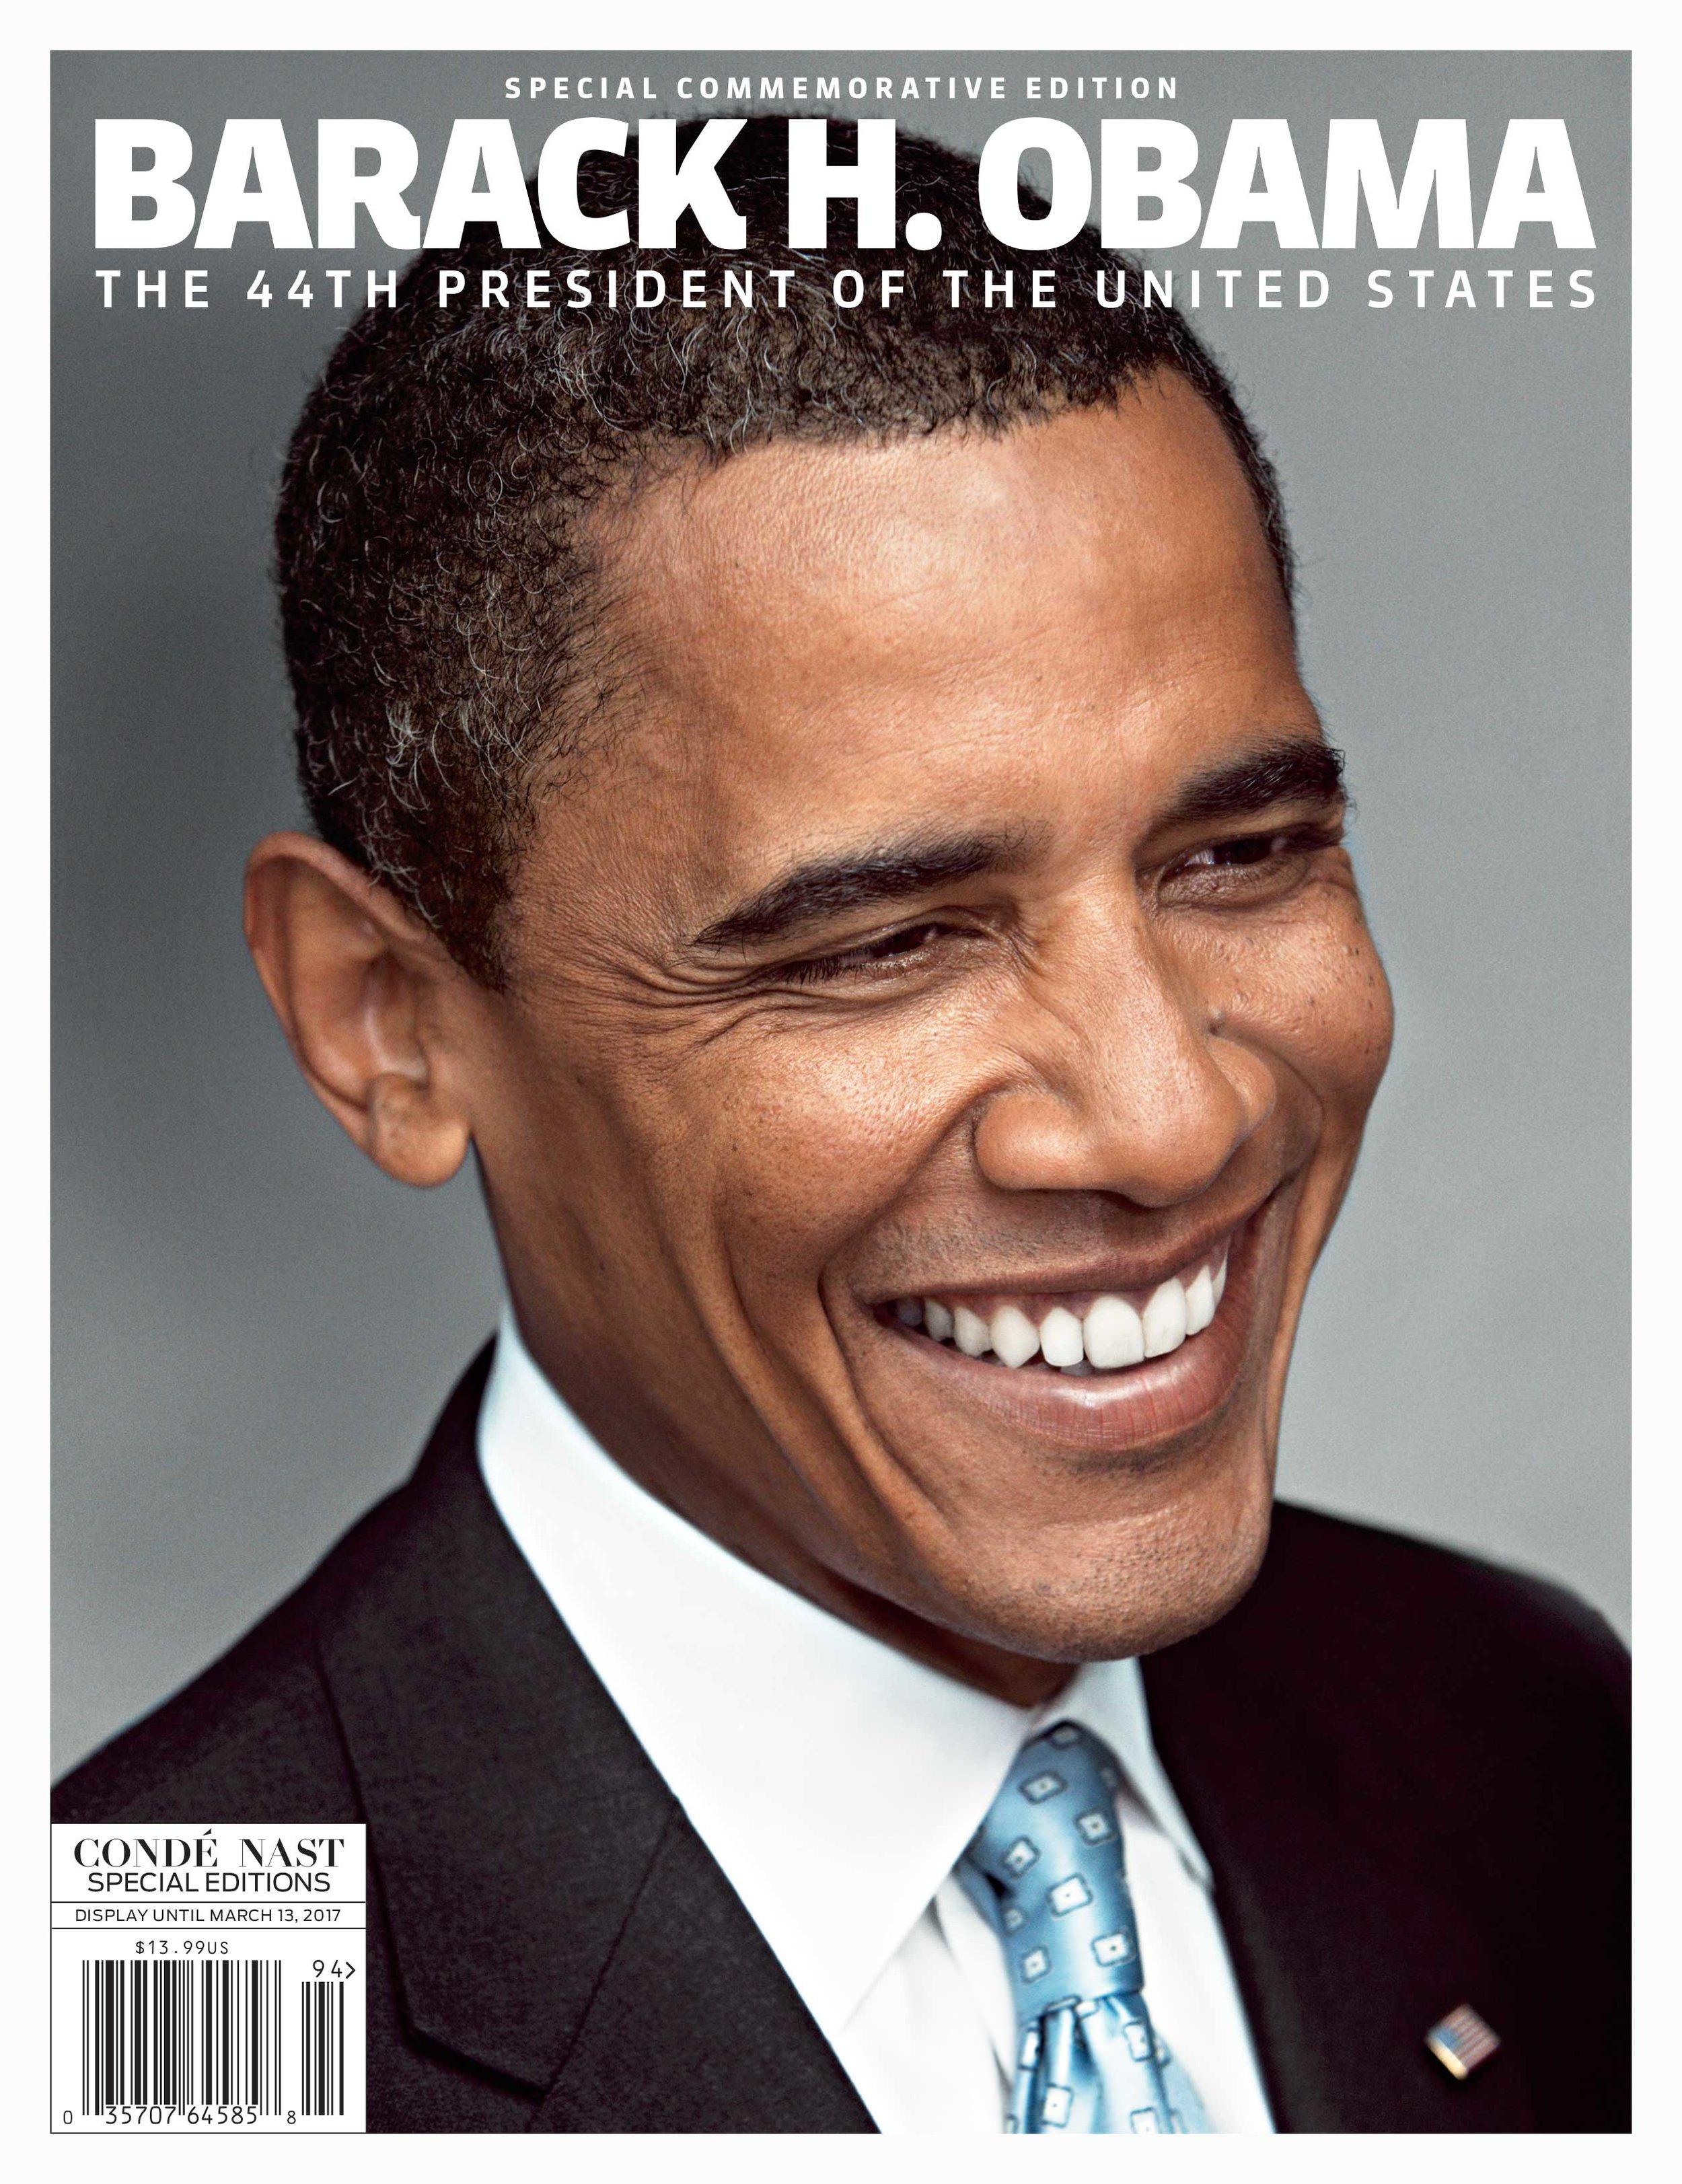 SP1116_Obama_cover.jpg